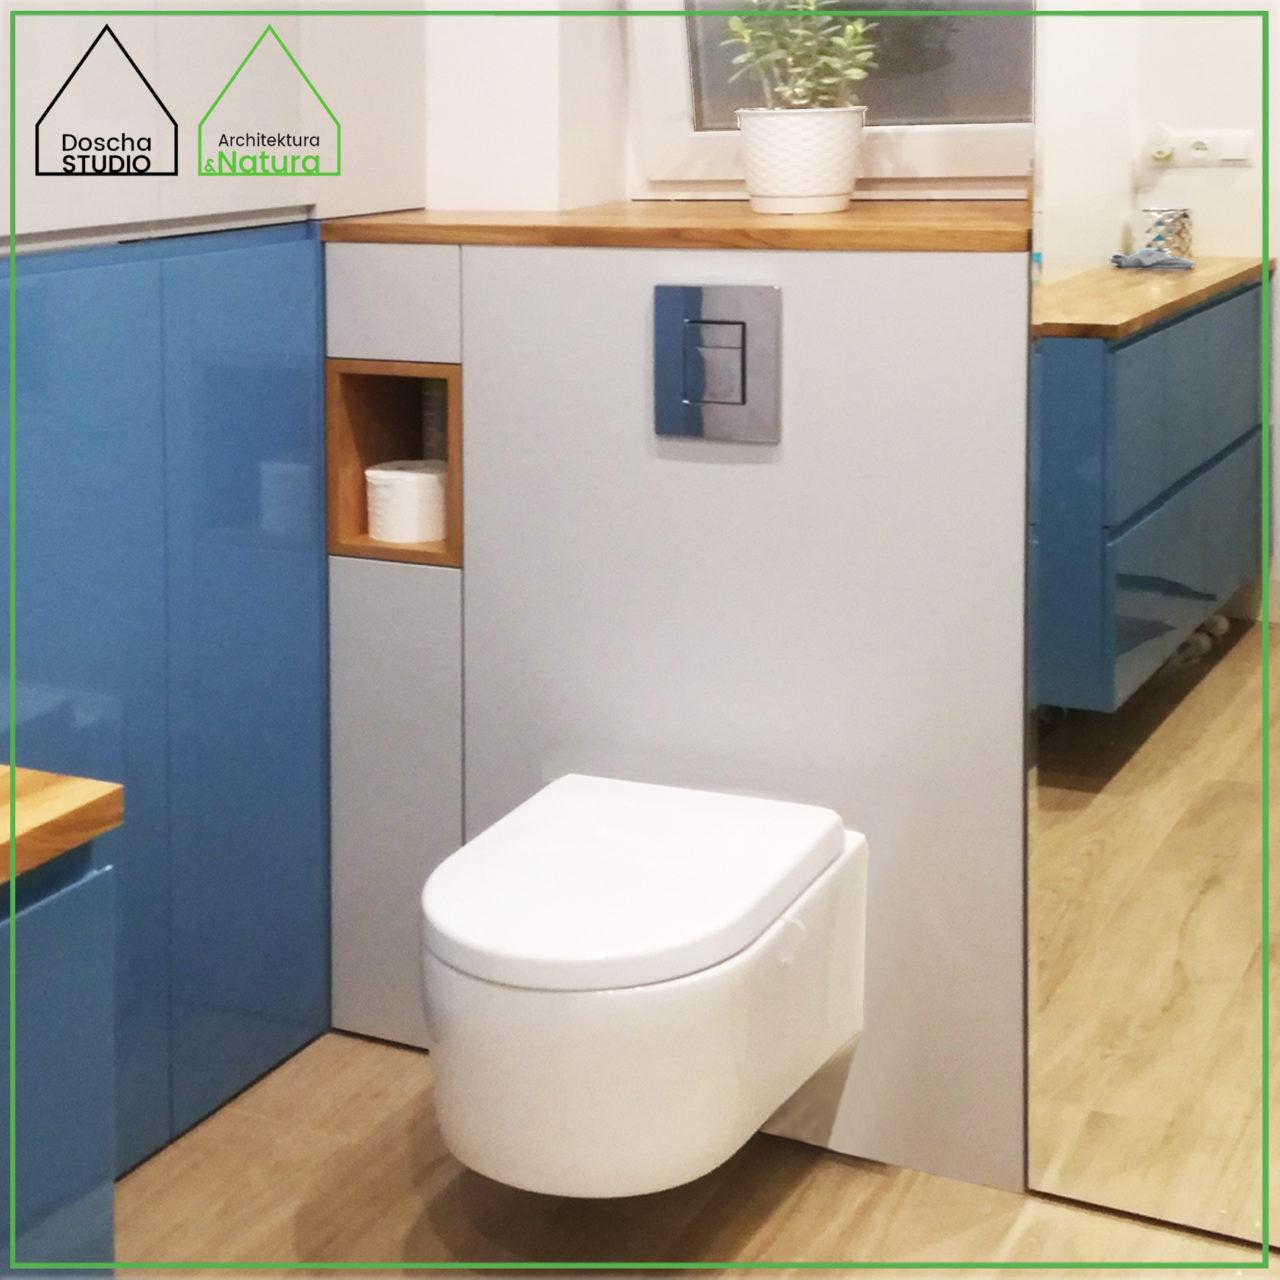 Projekt niebiesko-szarej łazienki w Gdyni Projektowanie wnętrz: Doscha STUDIO